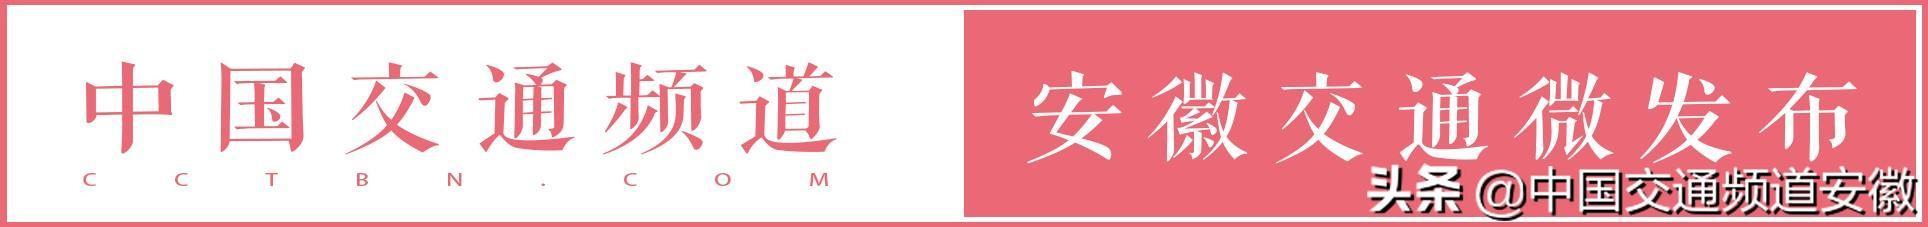 男子在合肥南站水倒安检员 因寻衅滋事被行拘7天